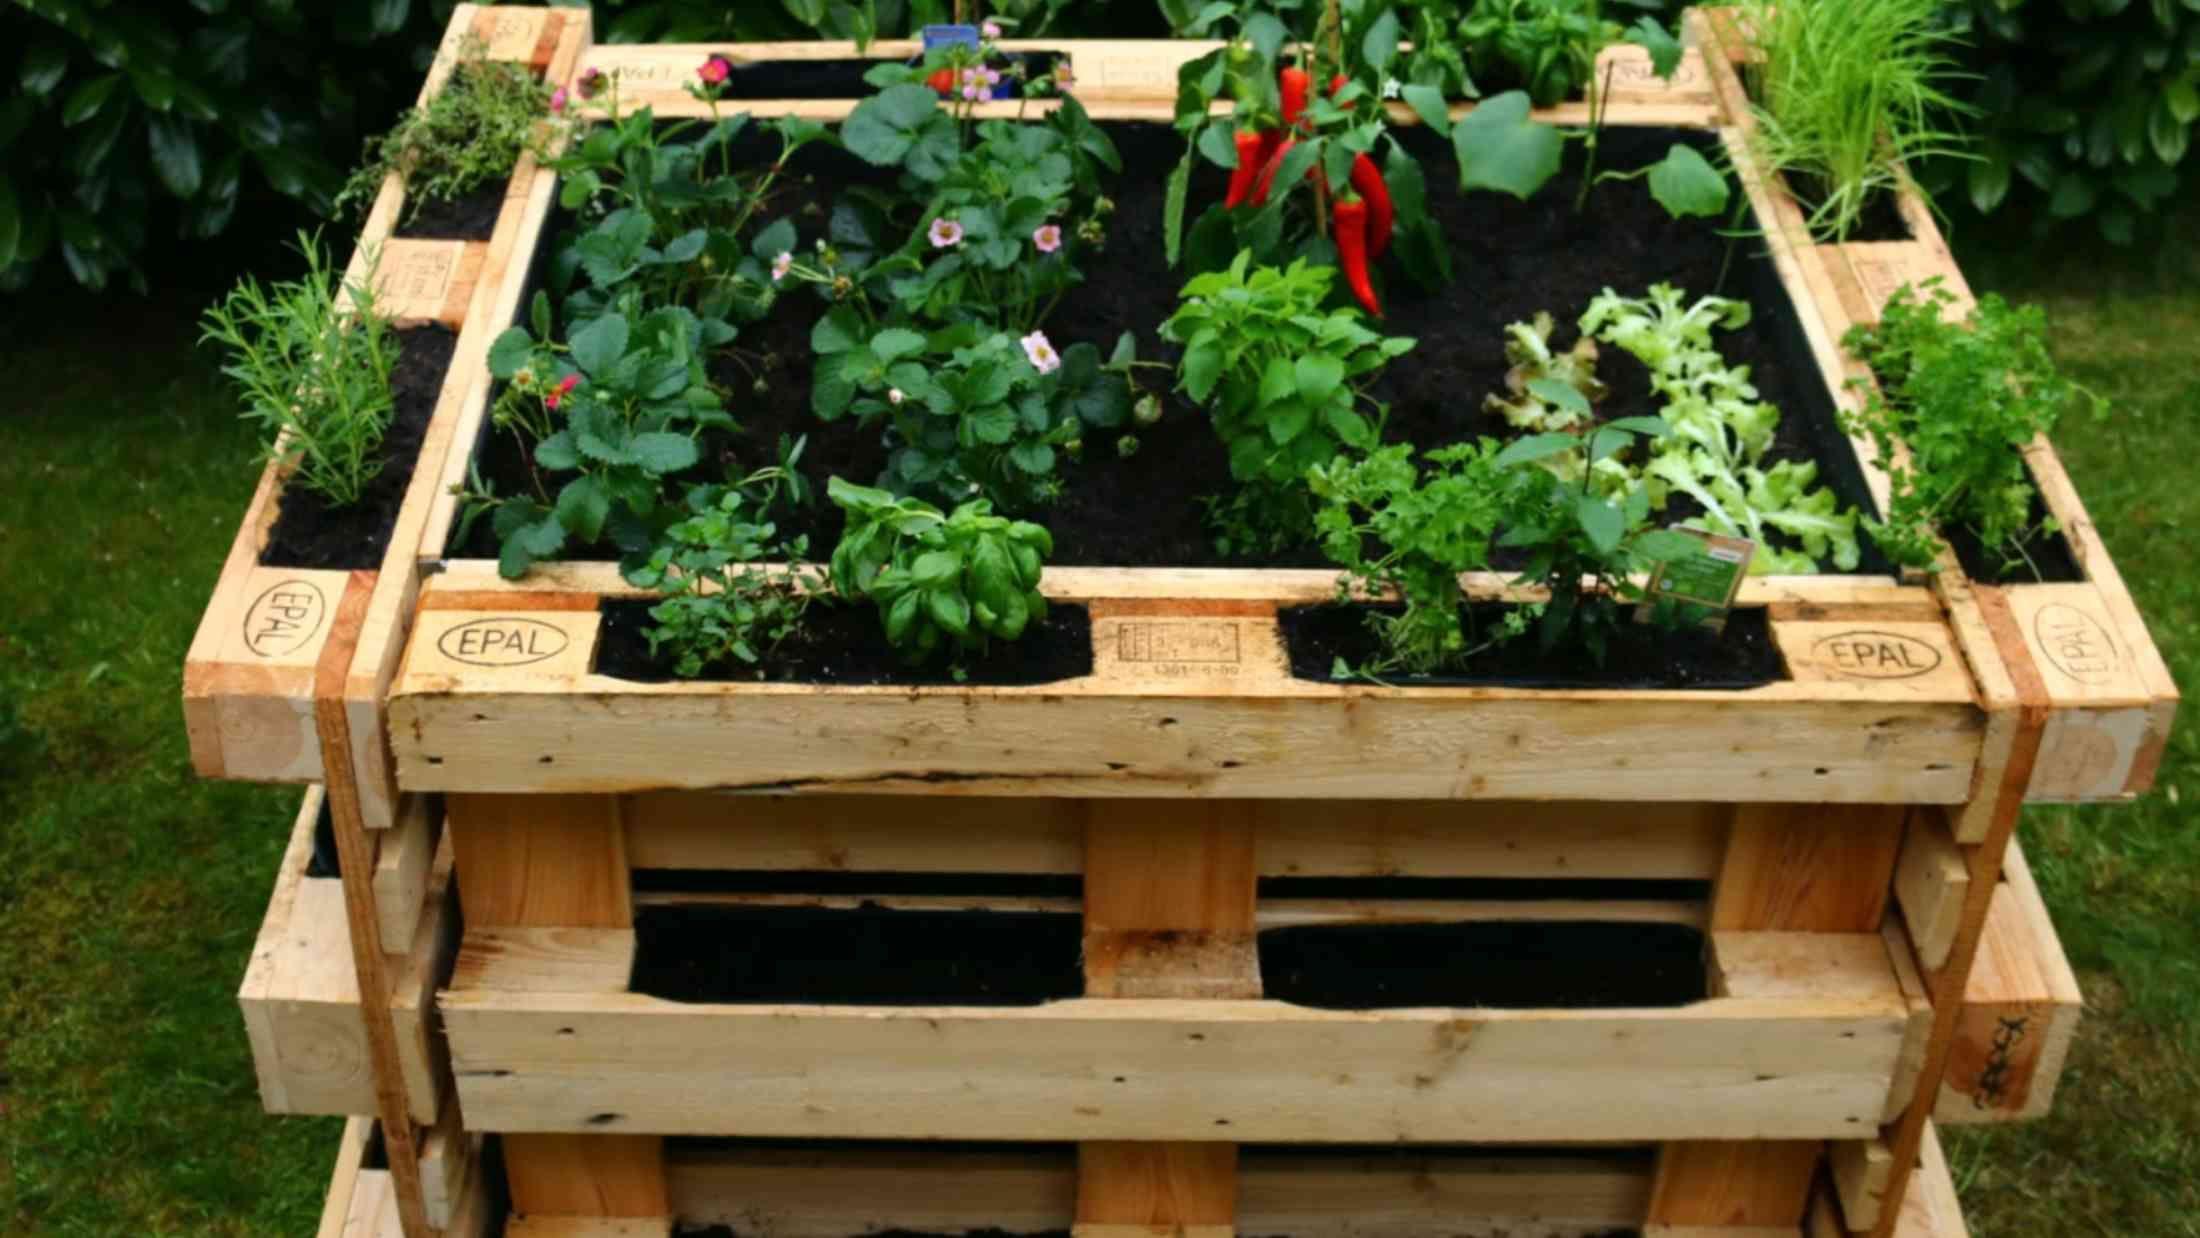 Hochbeet Aus Europaletten Hochbeet Aus Paletten Selber Bauen Bepflanzen Ratgeber Tipps Diy Bauanleitun Hochbeet Aus Paletten Paletten Garten Hochbeet